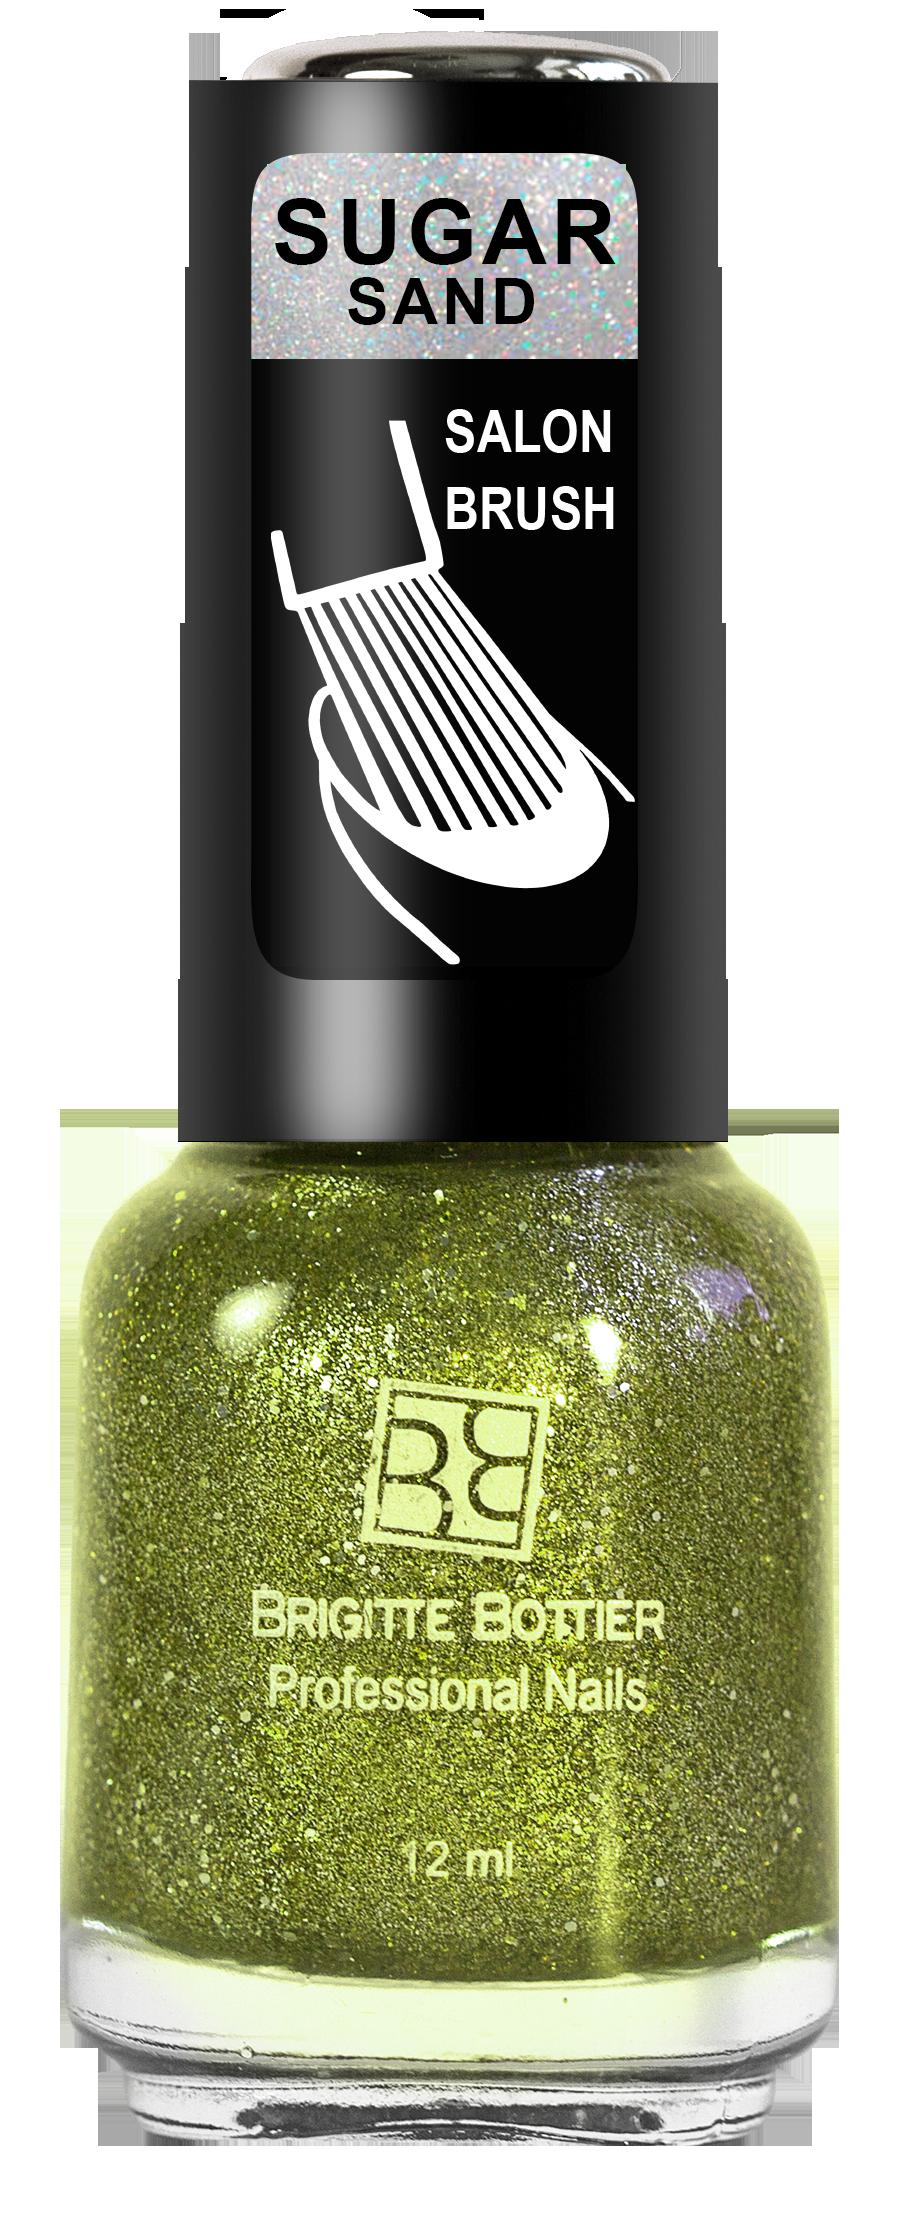 Купить BRIGITTE BOTTIER 312 лак для ногтей фактурный, искрящийся желтый / SUGAR SAND 12 мл, Желтые